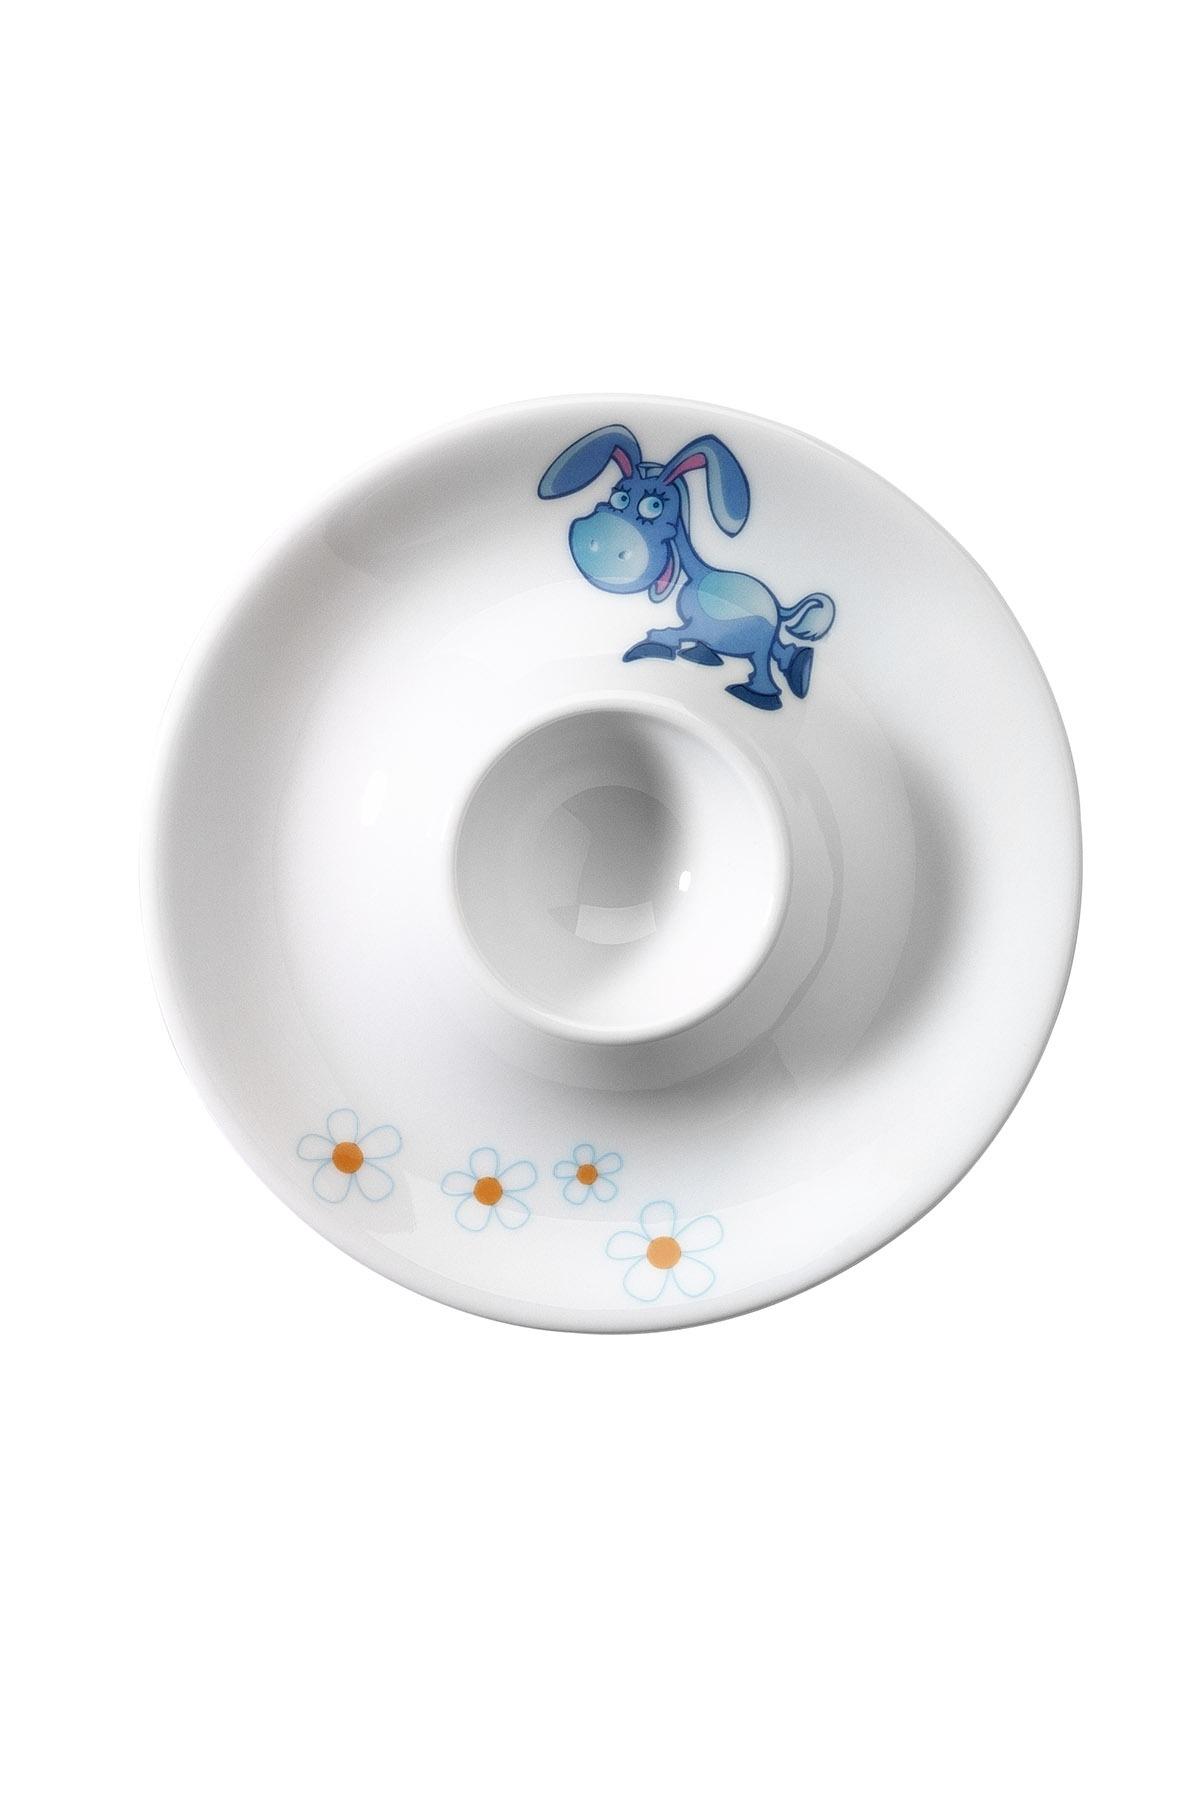 Kütahya Porselen Şirin Sıpa Mama Takımı